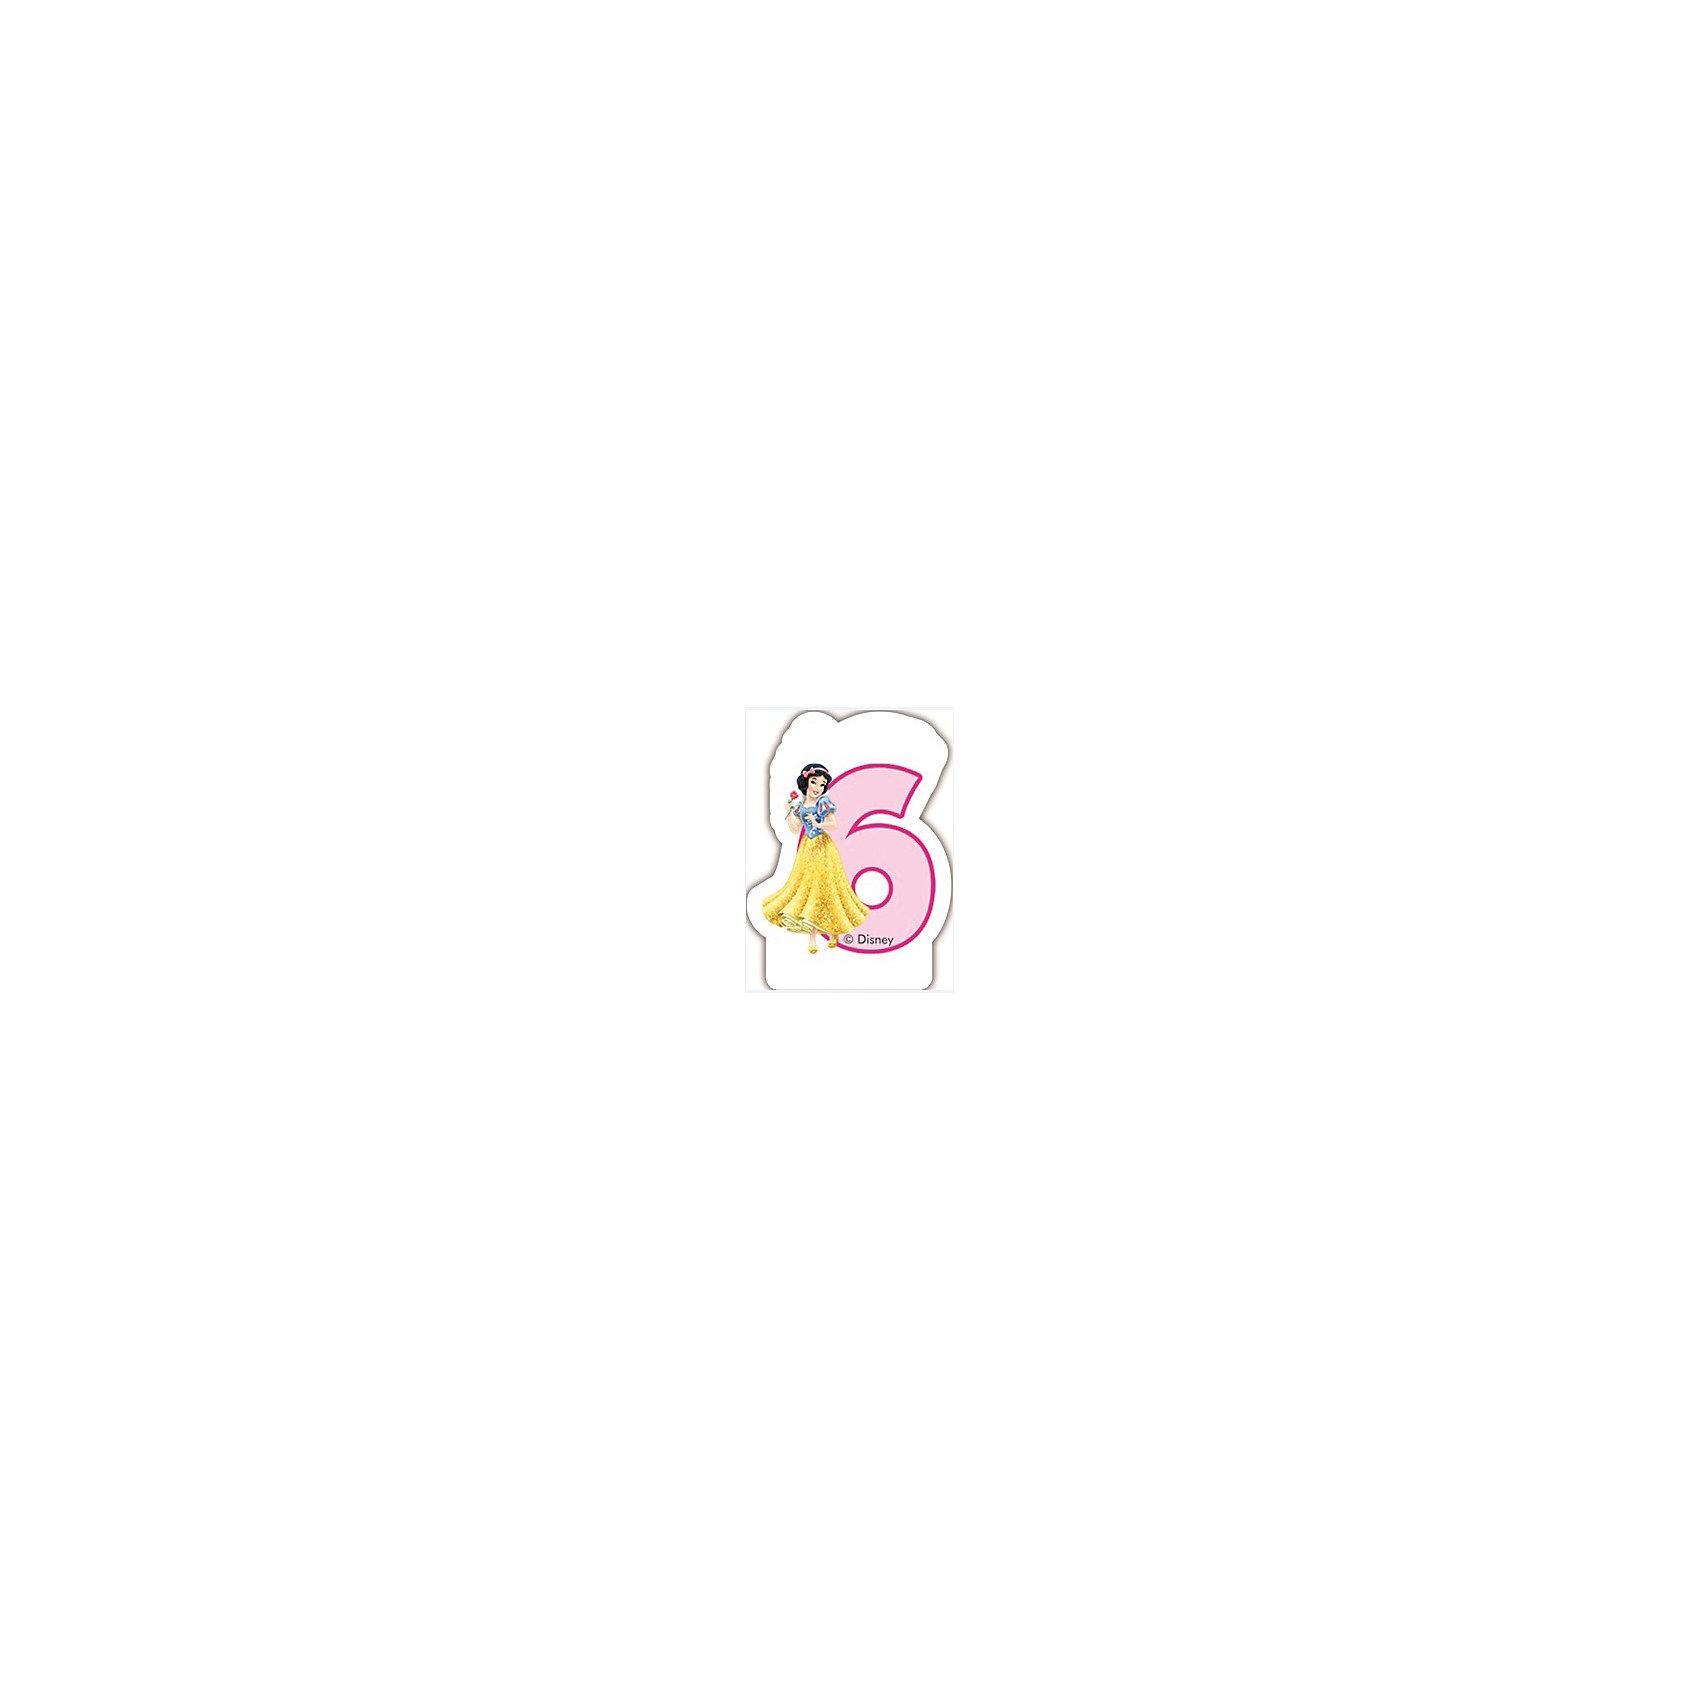 Procos Объемная свечка Принцессы 6 летОбъемная свечка в форме цифры, с изображением любимого героя - используется в оформлениях кондитерских изделий!<br><br>Ширина мм: 85<br>Глубина мм: 35<br>Высота мм: 130<br>Вес г: 33<br>Возраст от месяцев: 36<br>Возраст до месяцев: 168<br>Пол: Женский<br>Возраст: Детский<br>SKU: 2431270